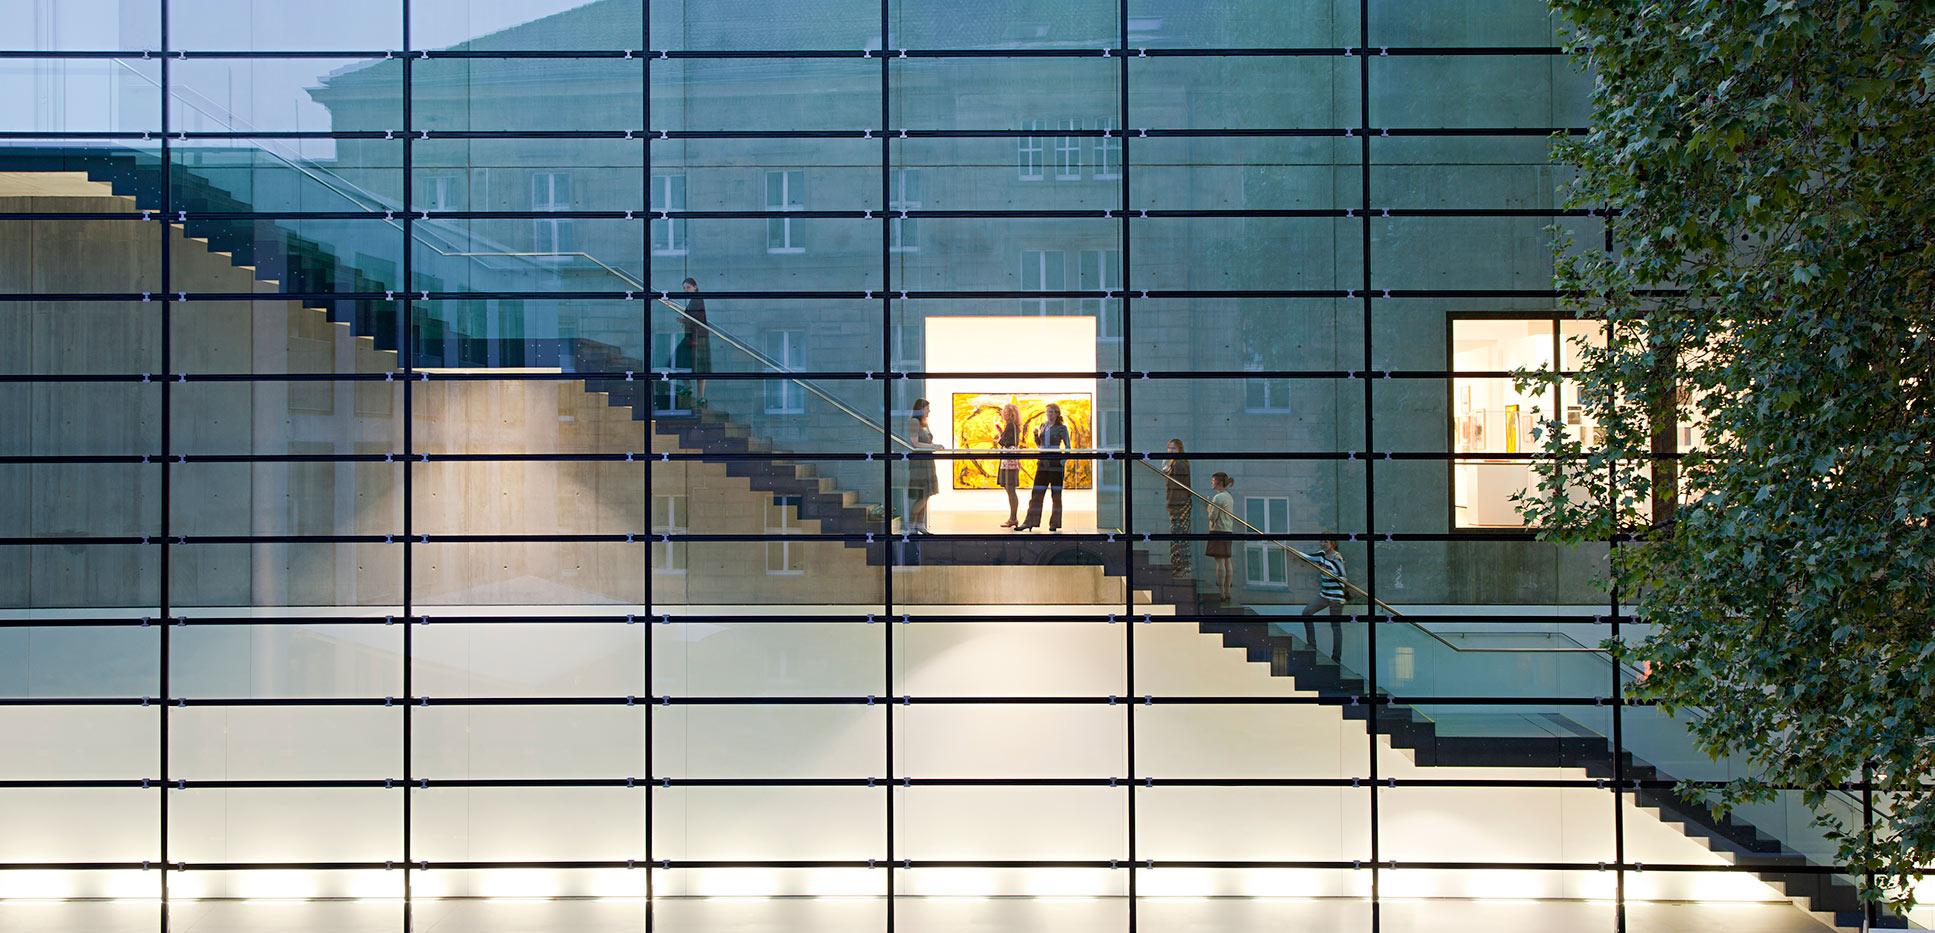 Architekten In Essen architektur fotograf essen fotograf koeln duesseldorf